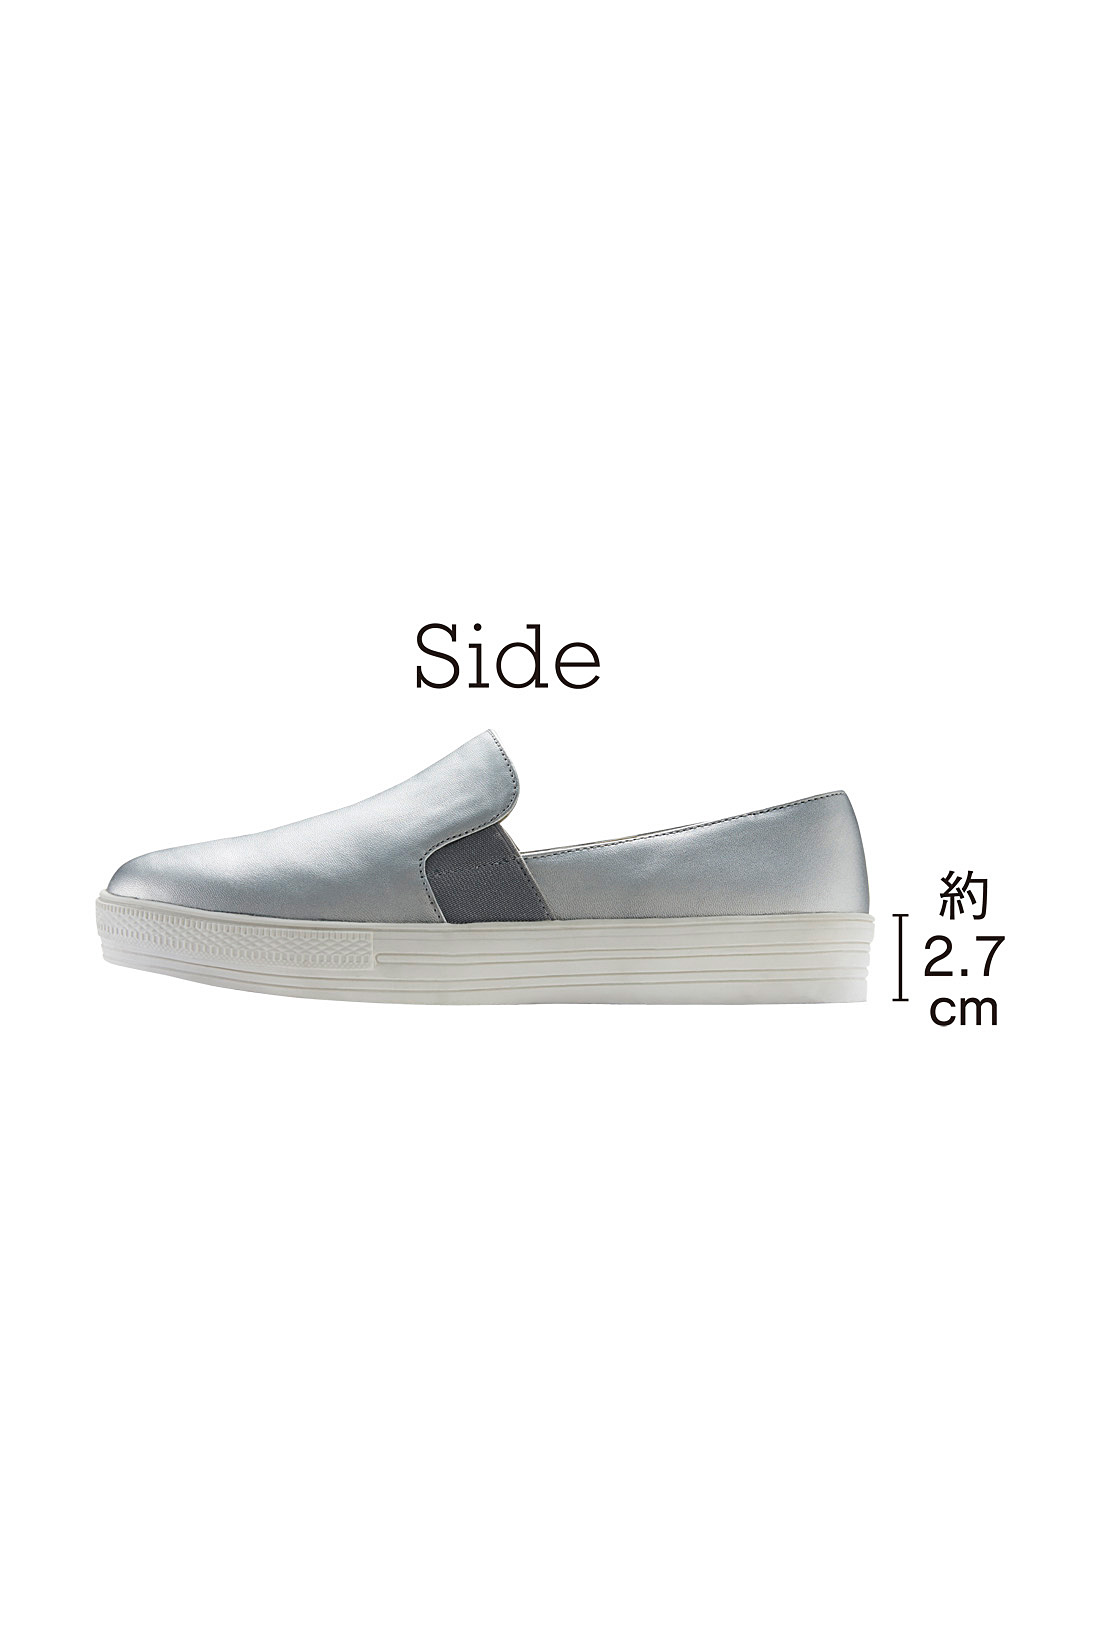 サイドのゴムですぽっと履ける、らくらくスリッポン。※お届けするカラーとは異なります。